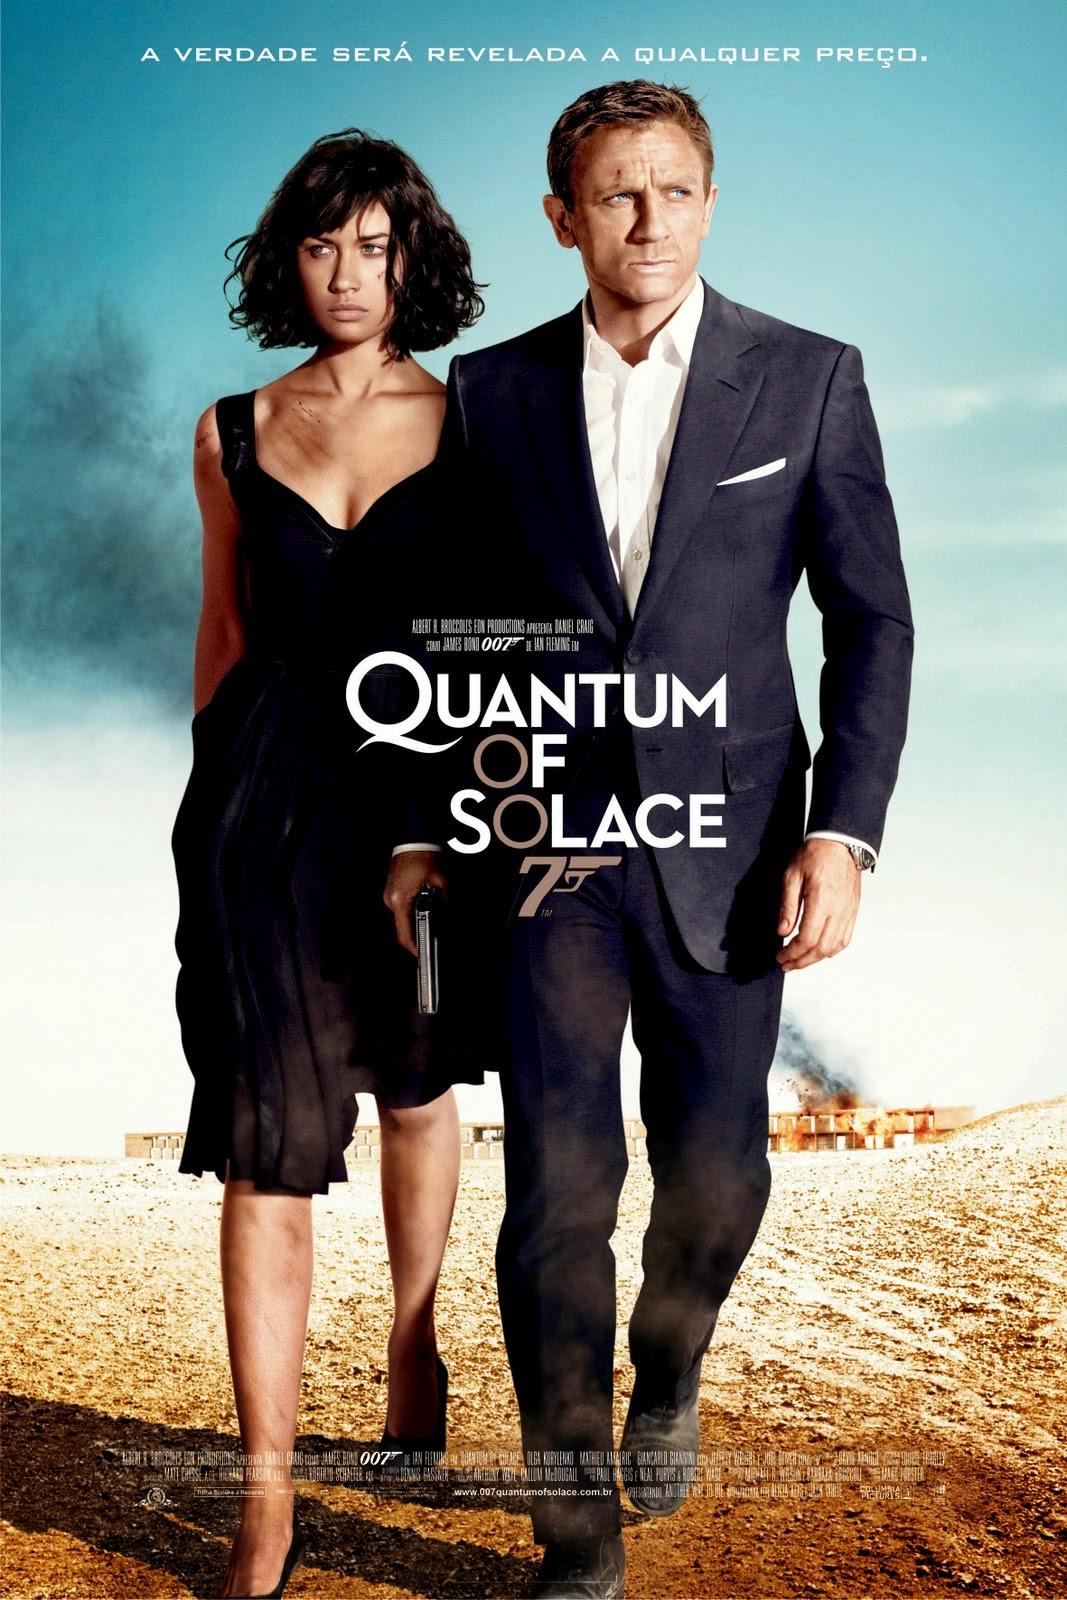 filme 007 quantum of solace dublado rmvb